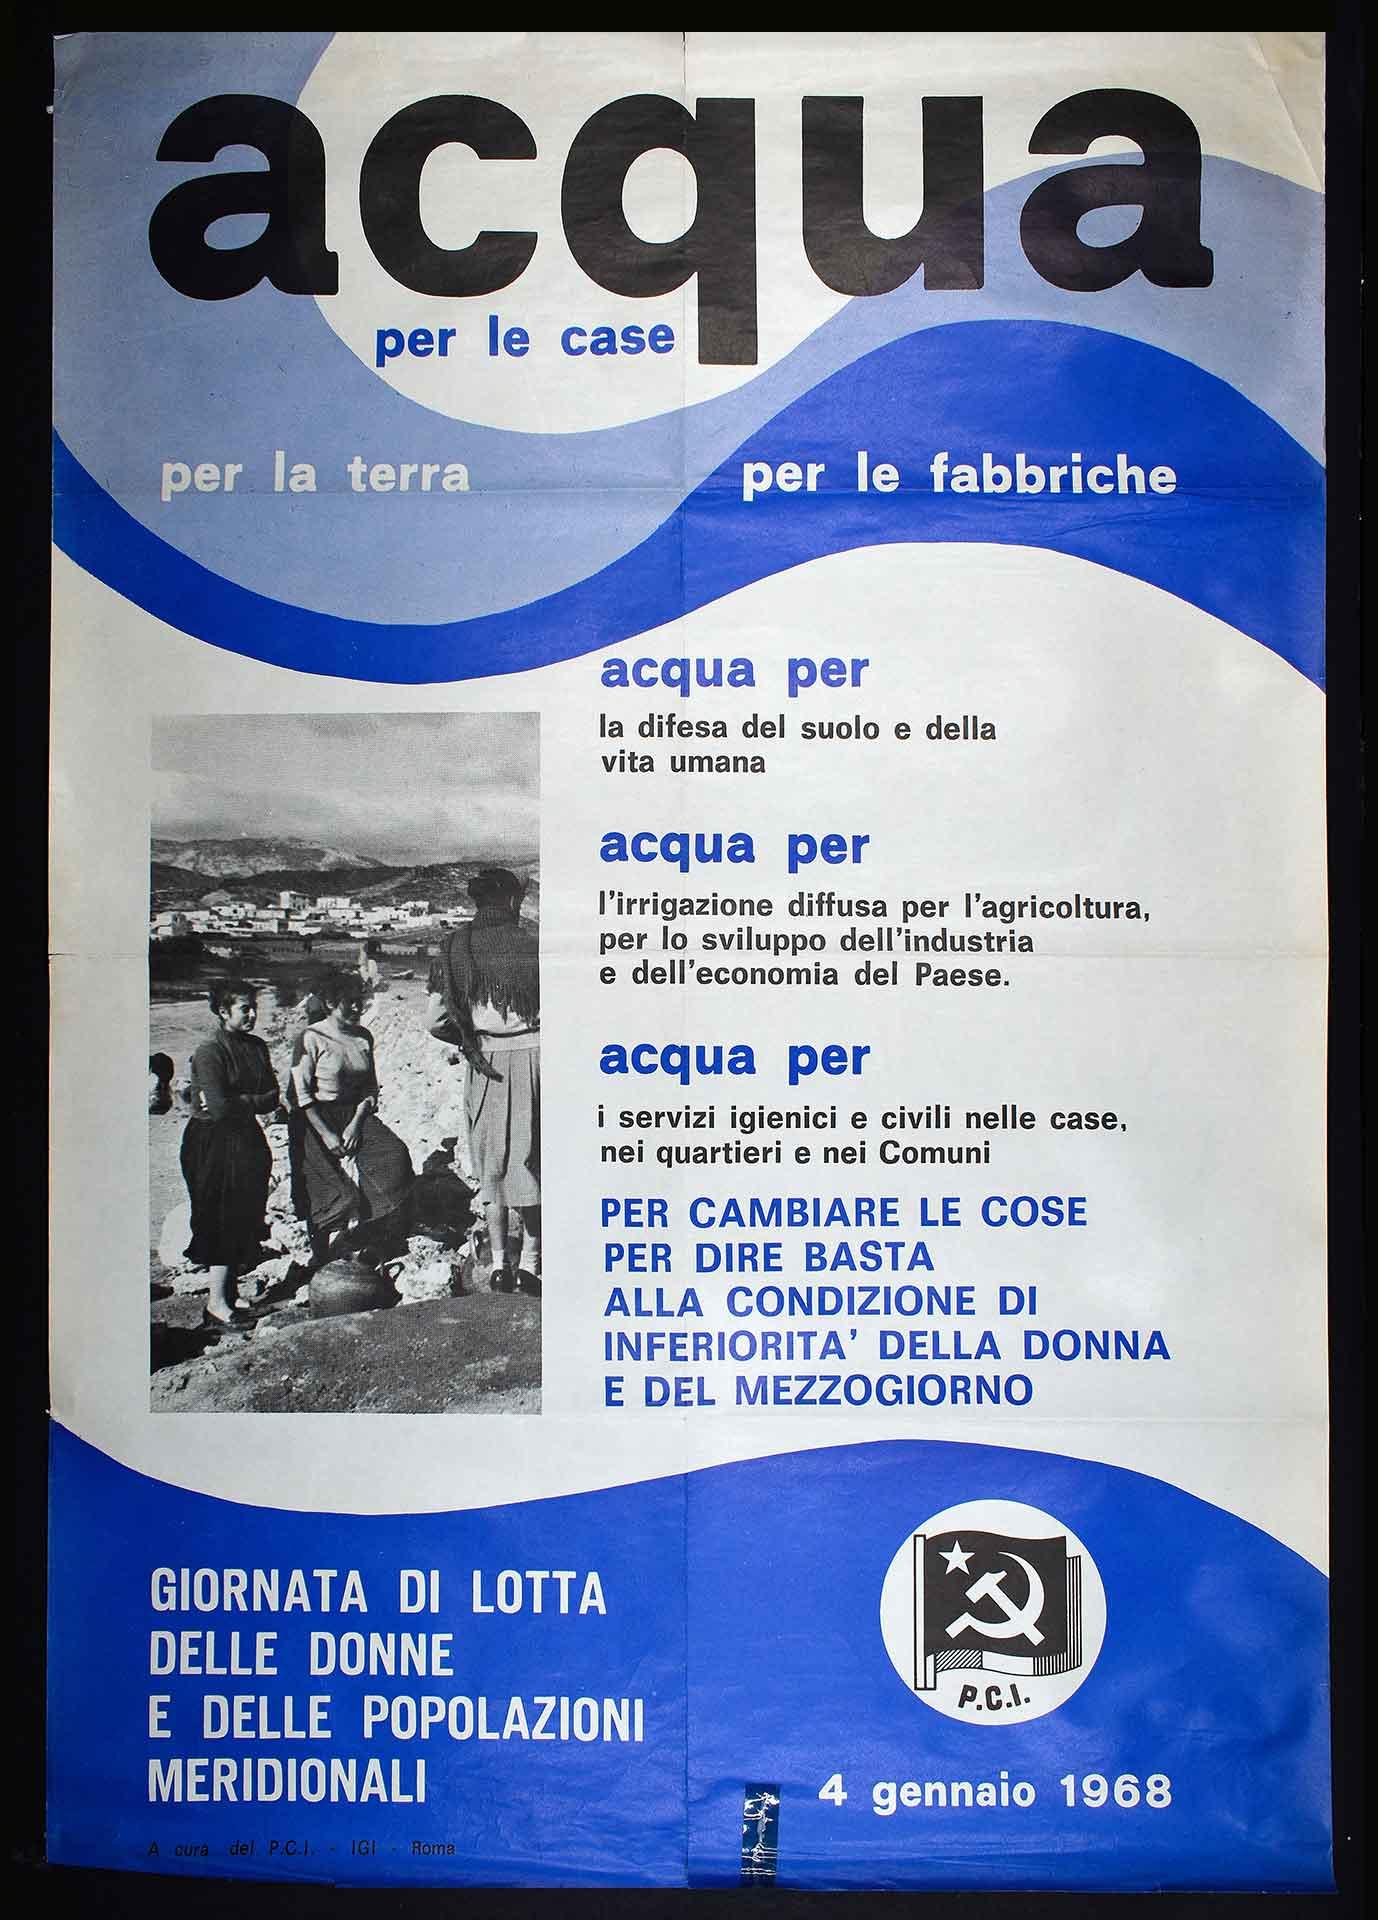 1968. Il Partito comunista italiano (PCI) per la Giornata di lotta delle donne e delle popolazioni meridionali (4 gennaio 1968). Stampa IGI, Roma. Comunicazione di partito.